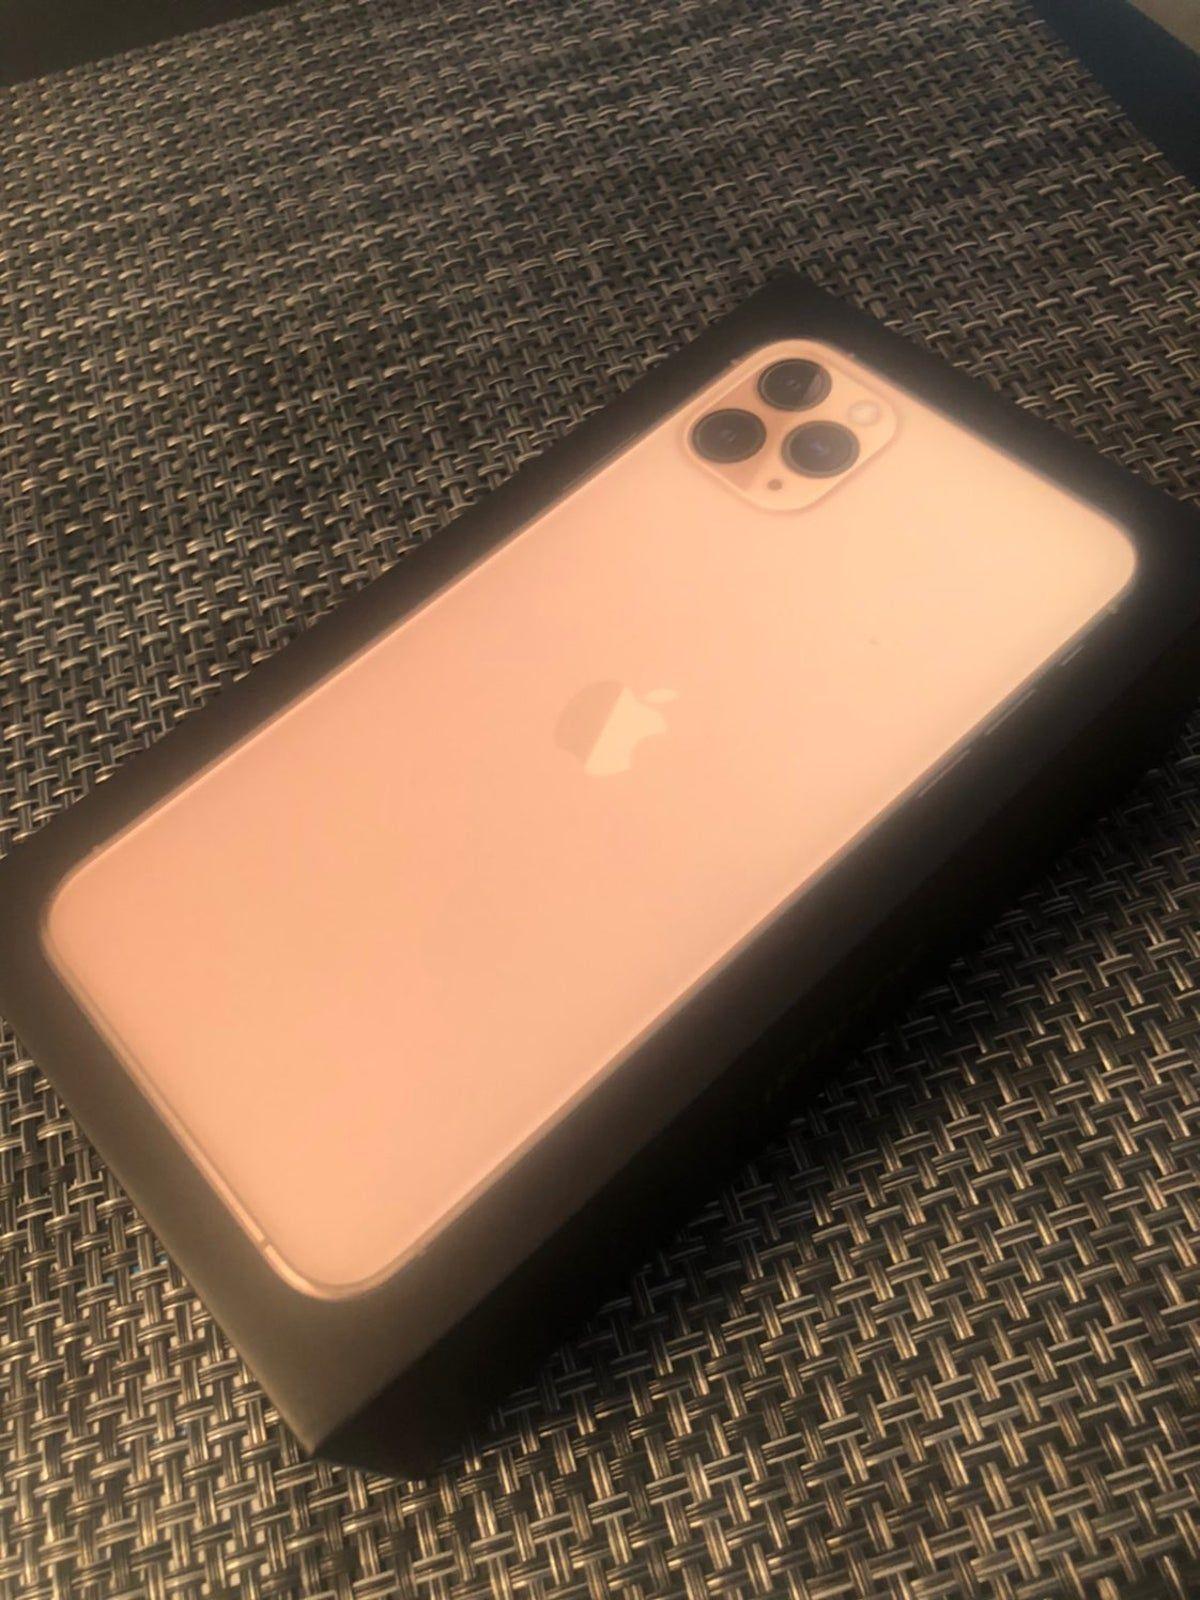 Iphone 11 Pro Max Gold 64 Gb Spectrum Iphone Iphone 11 Pro Max Iphone 11 Pro Max Gold